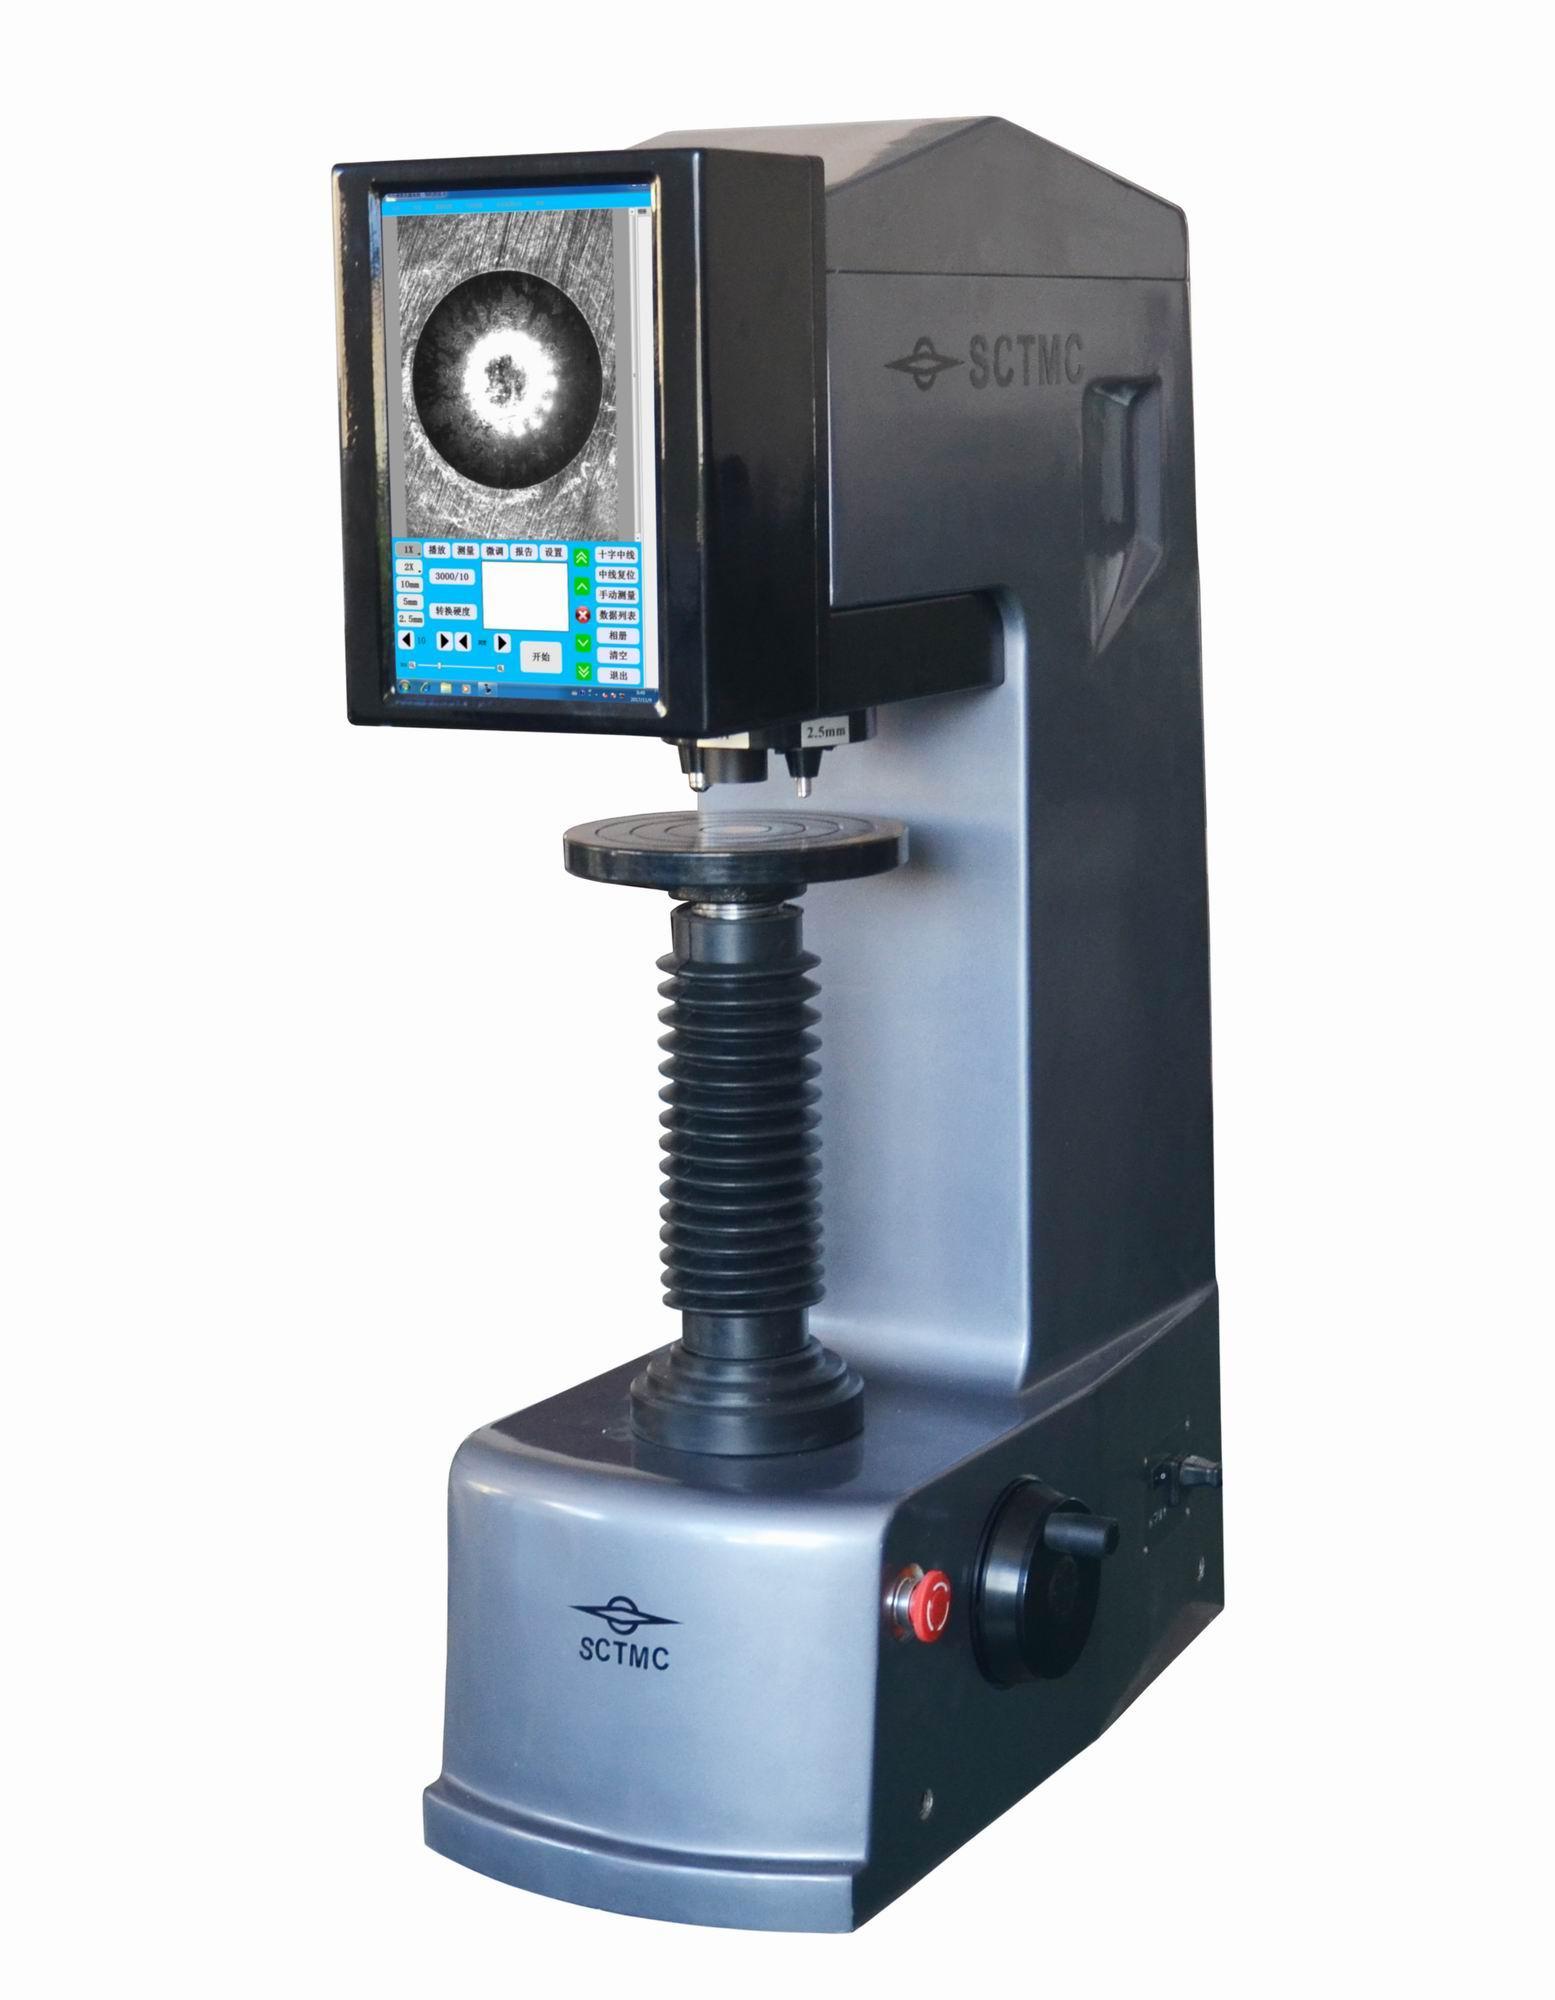 上海尚材 SCTMC XHBT-3000Z III全自动三压头数显布氏硬度计